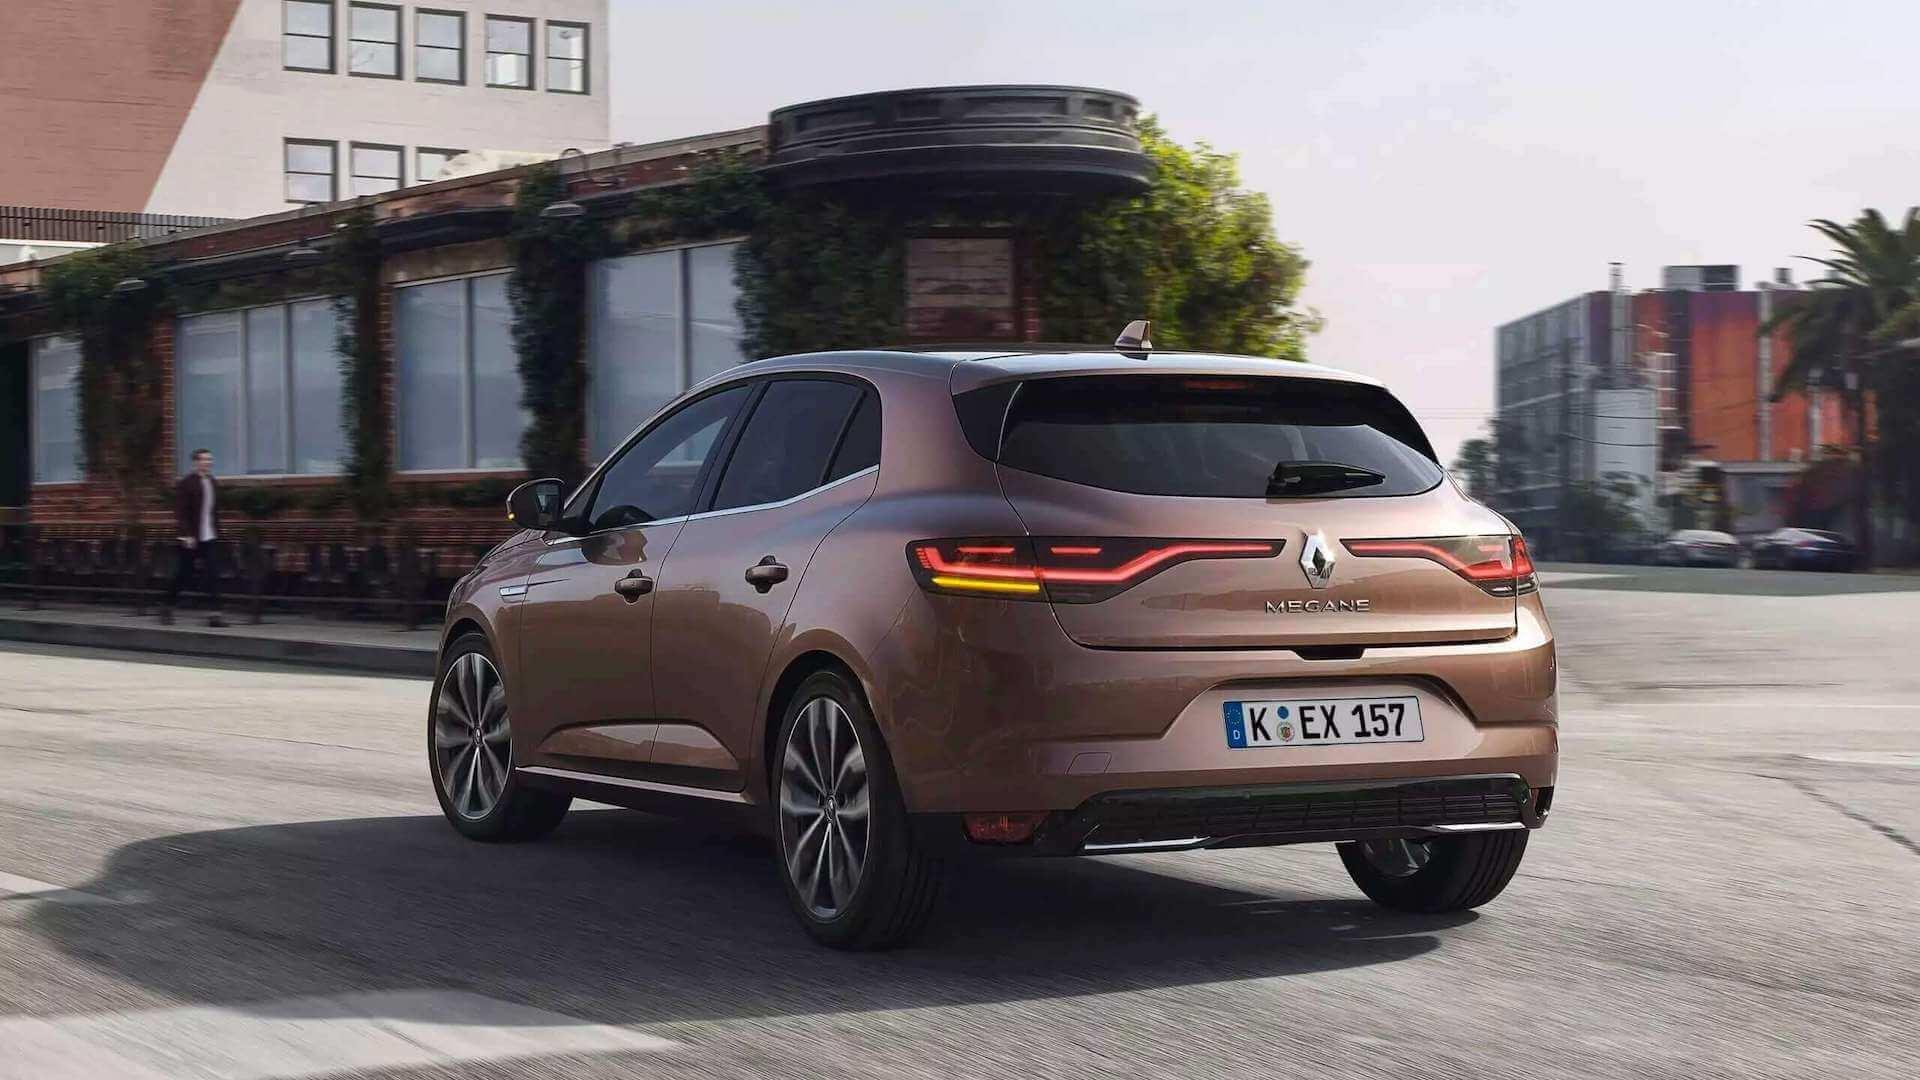 Heckansicht vom braunen Auto - Renault Megane - Renault Ahrens Hannover